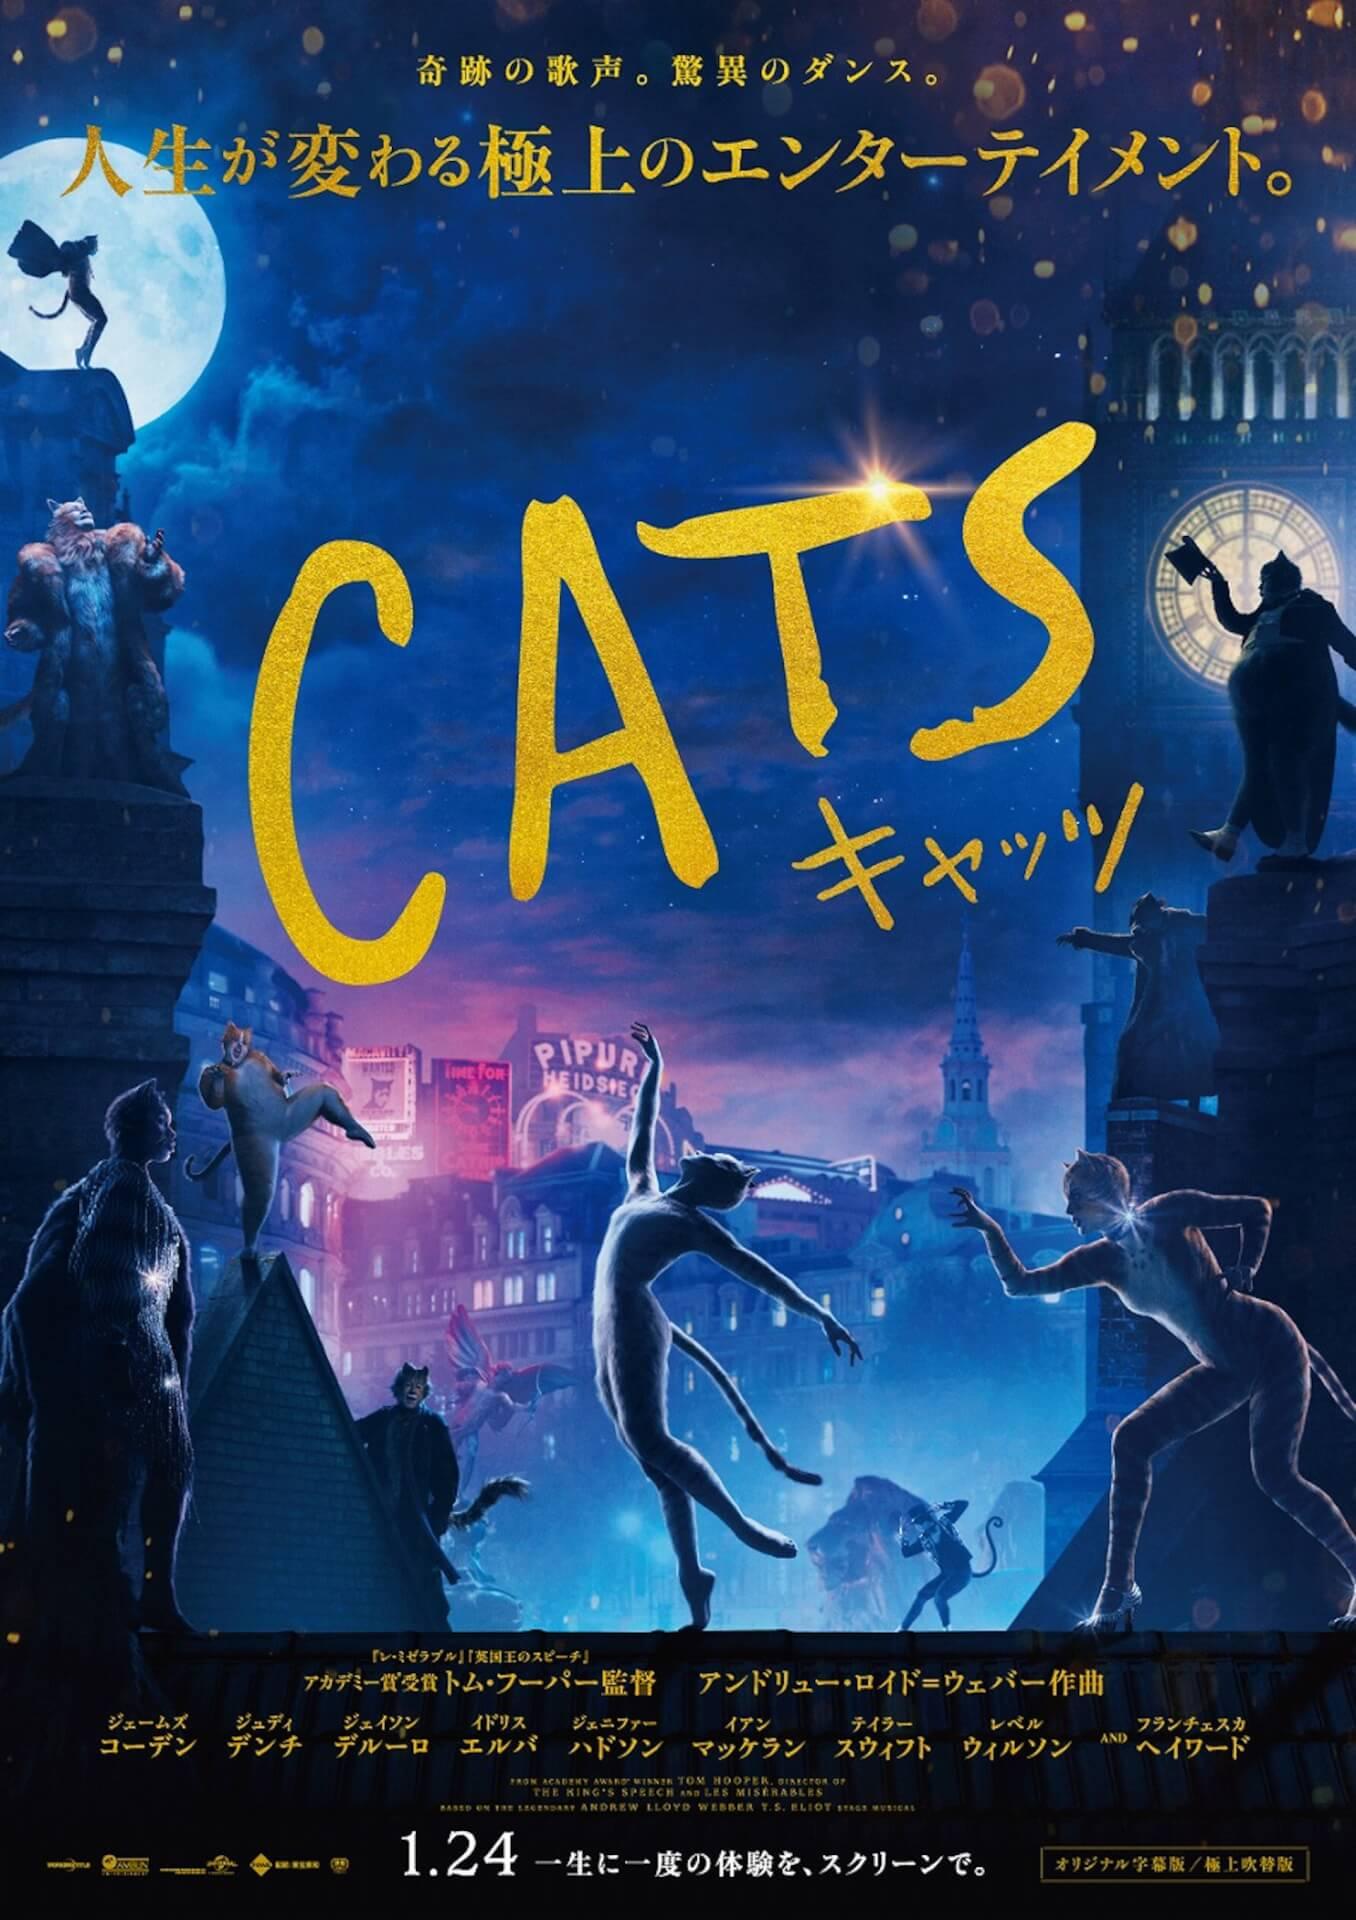 一夜だけの特別な舞踏会に選ばれるのは選ばれる猫は......?『キャッツ』待望の新予告映像&ポスタービジュアルが公開 a41bd3cb4003f992635390d596205c1e